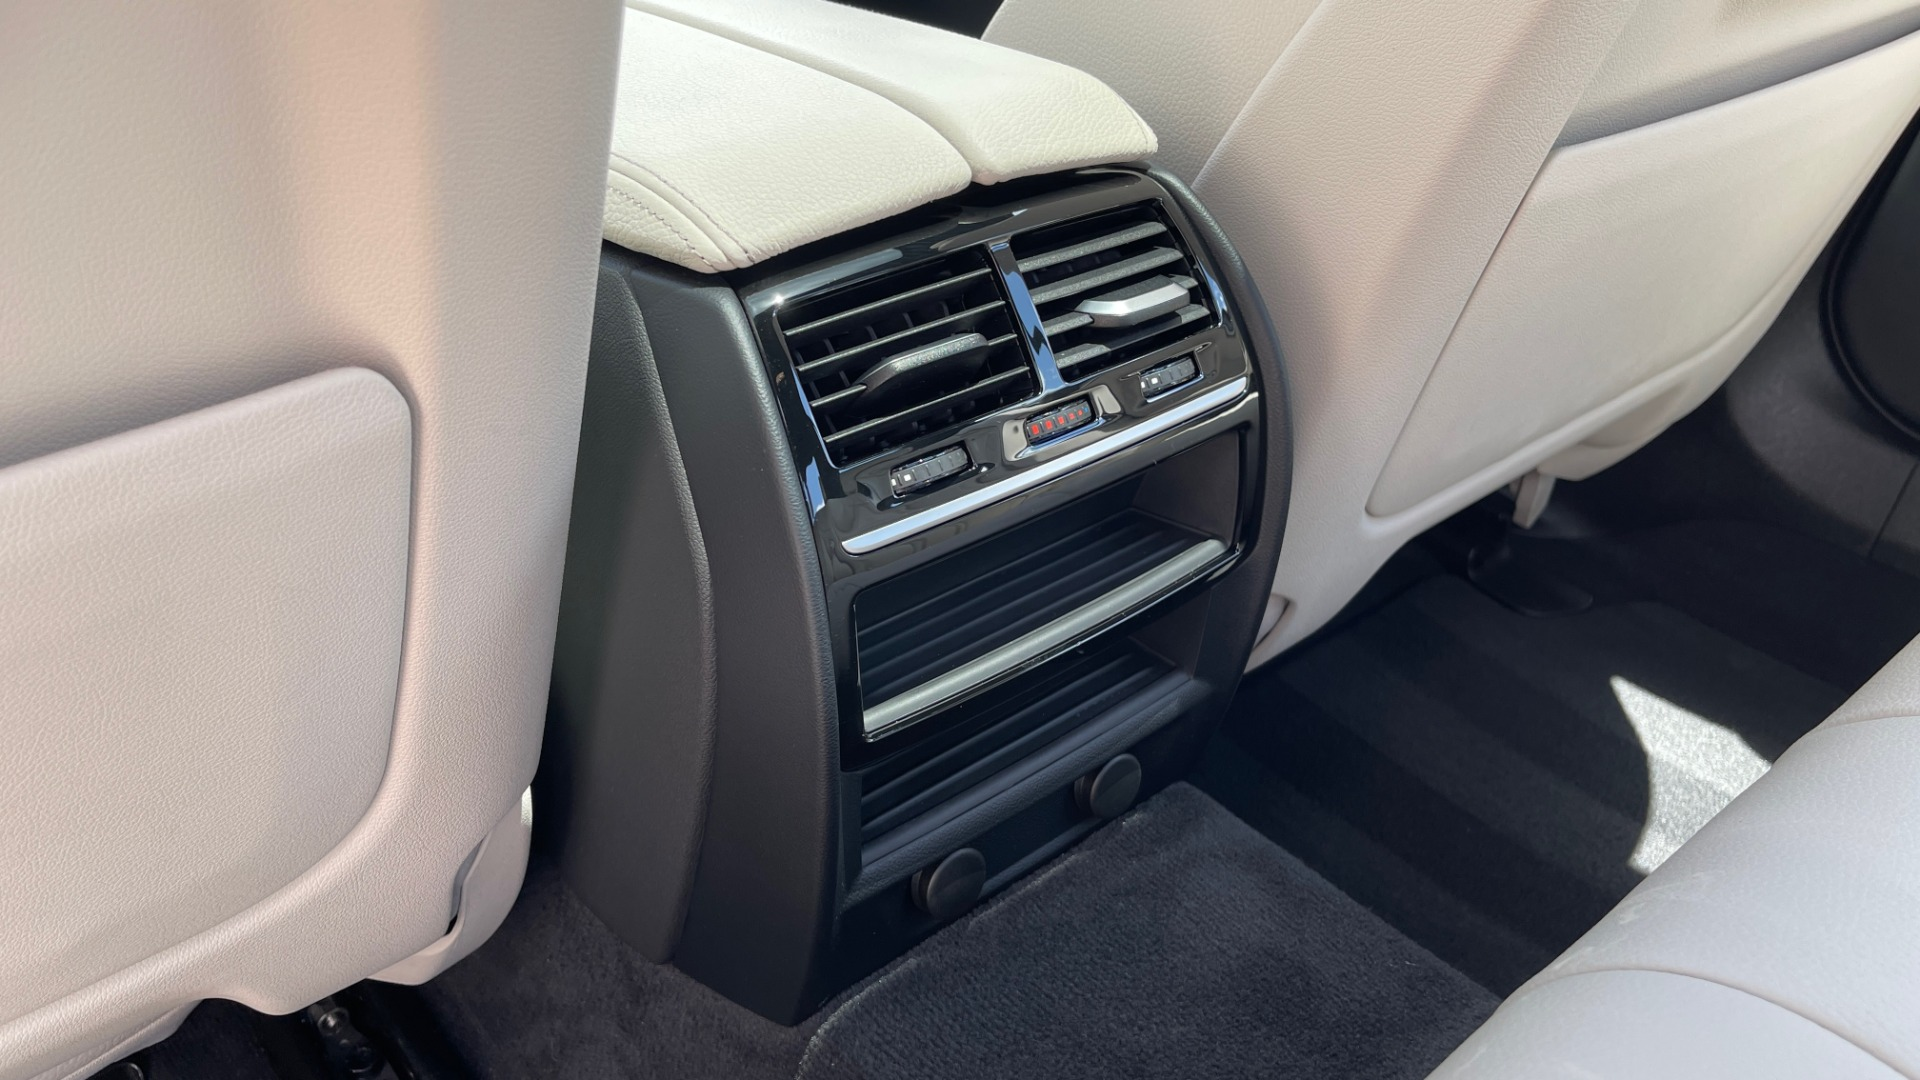 Used 2018 BMW 5 SERIES 540I M-SPORT / EXECUTIVE PKG / DRVR ASST PKG / BLIND SPOT / LANE DEPART for sale $40,995 at Formula Imports in Charlotte NC 28227 61